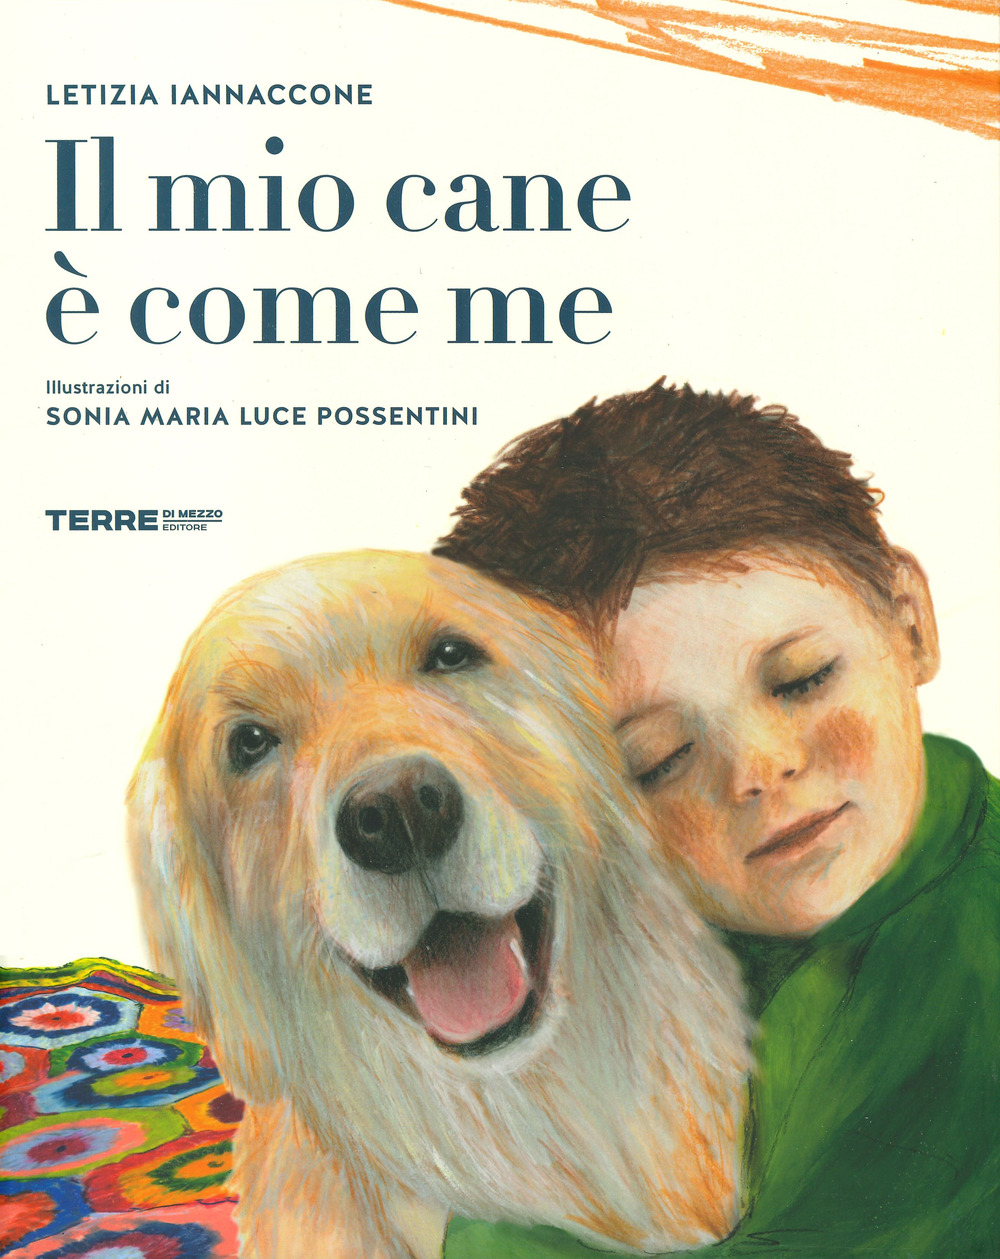 MIO CANE È COME ME. EDIZ. A COLORI (IL) - Iannaccone Letizia - 9788861896161